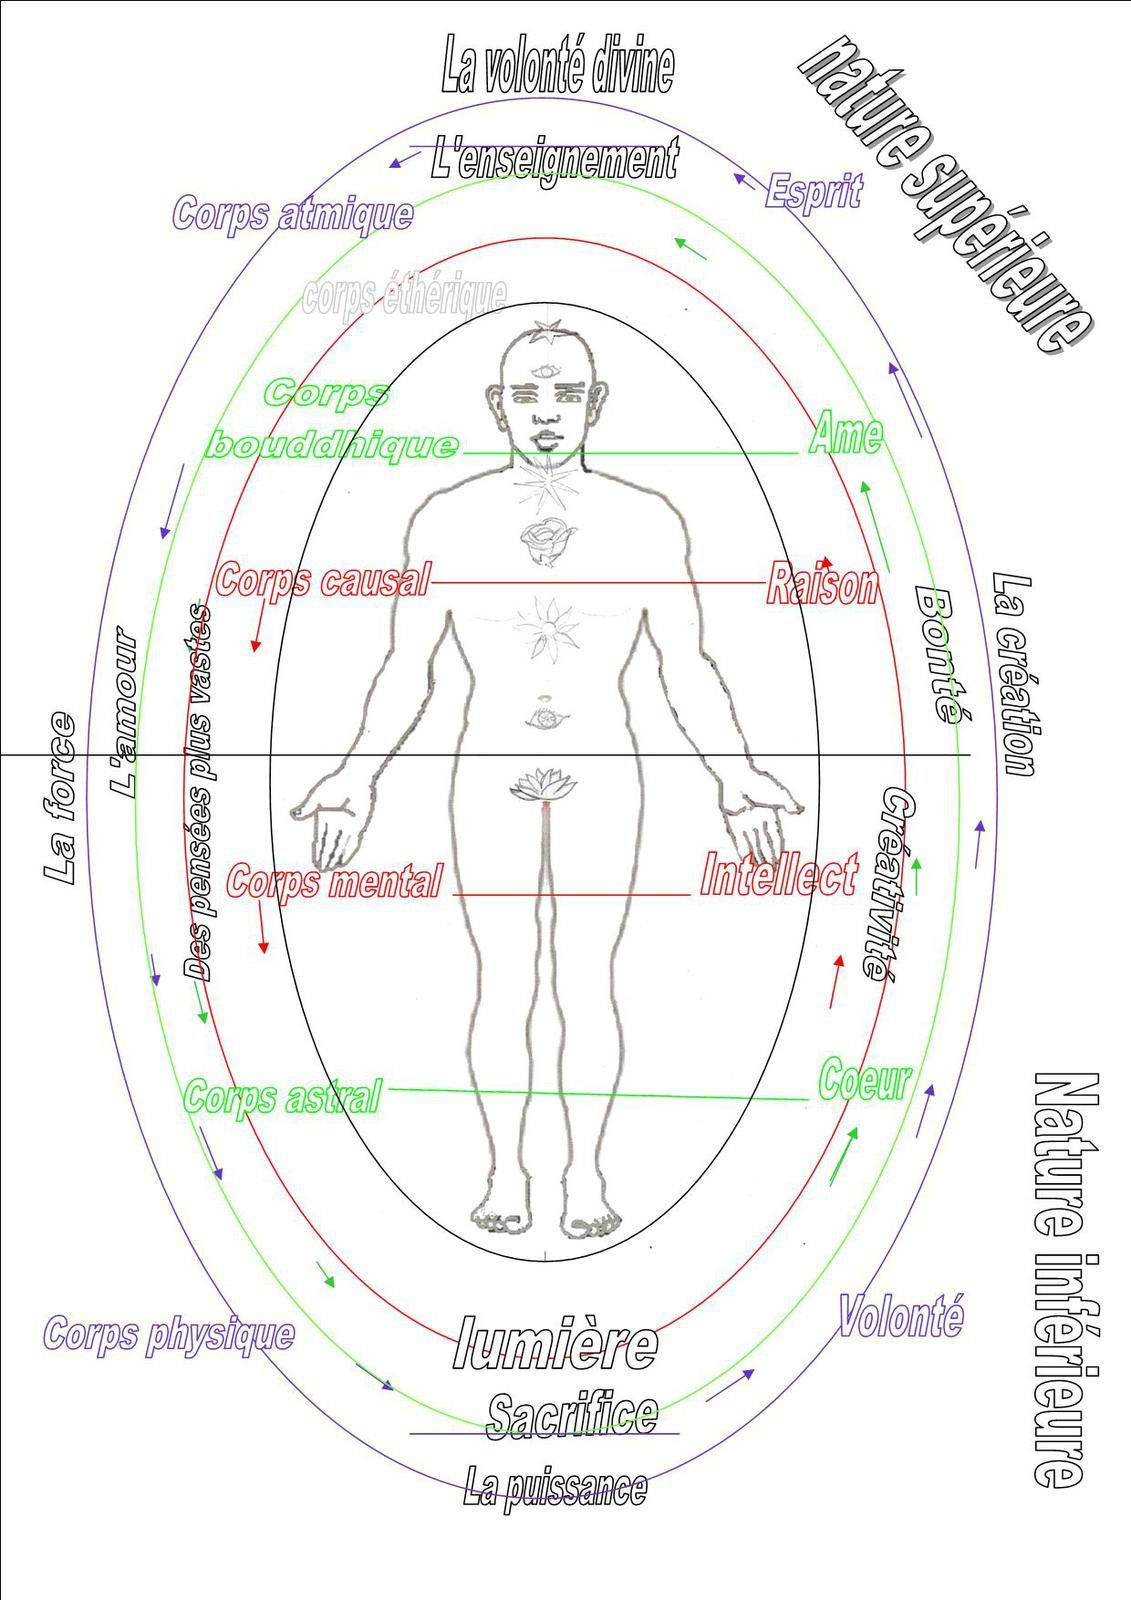 Symbolique du corps : côtés droit, gauche, douleurs...